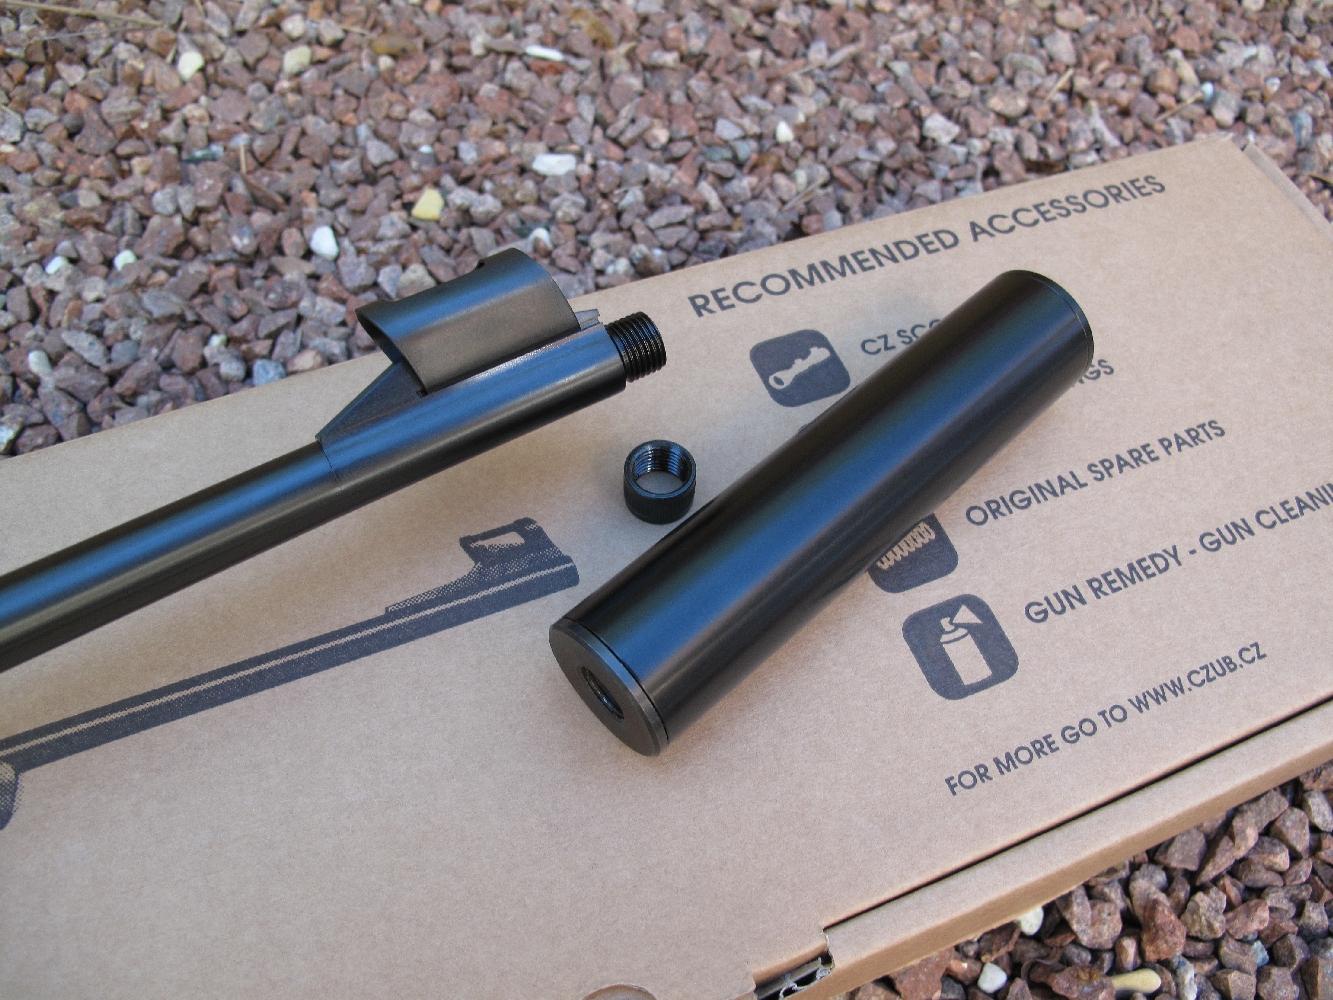 Ces deux armes bénéficiant d'un canon dont la bouche est filetée, nous avons testé l'efficacité d'un modérateur de son, en l'occurrence un modèle réalisé par la firme française Red Apples.